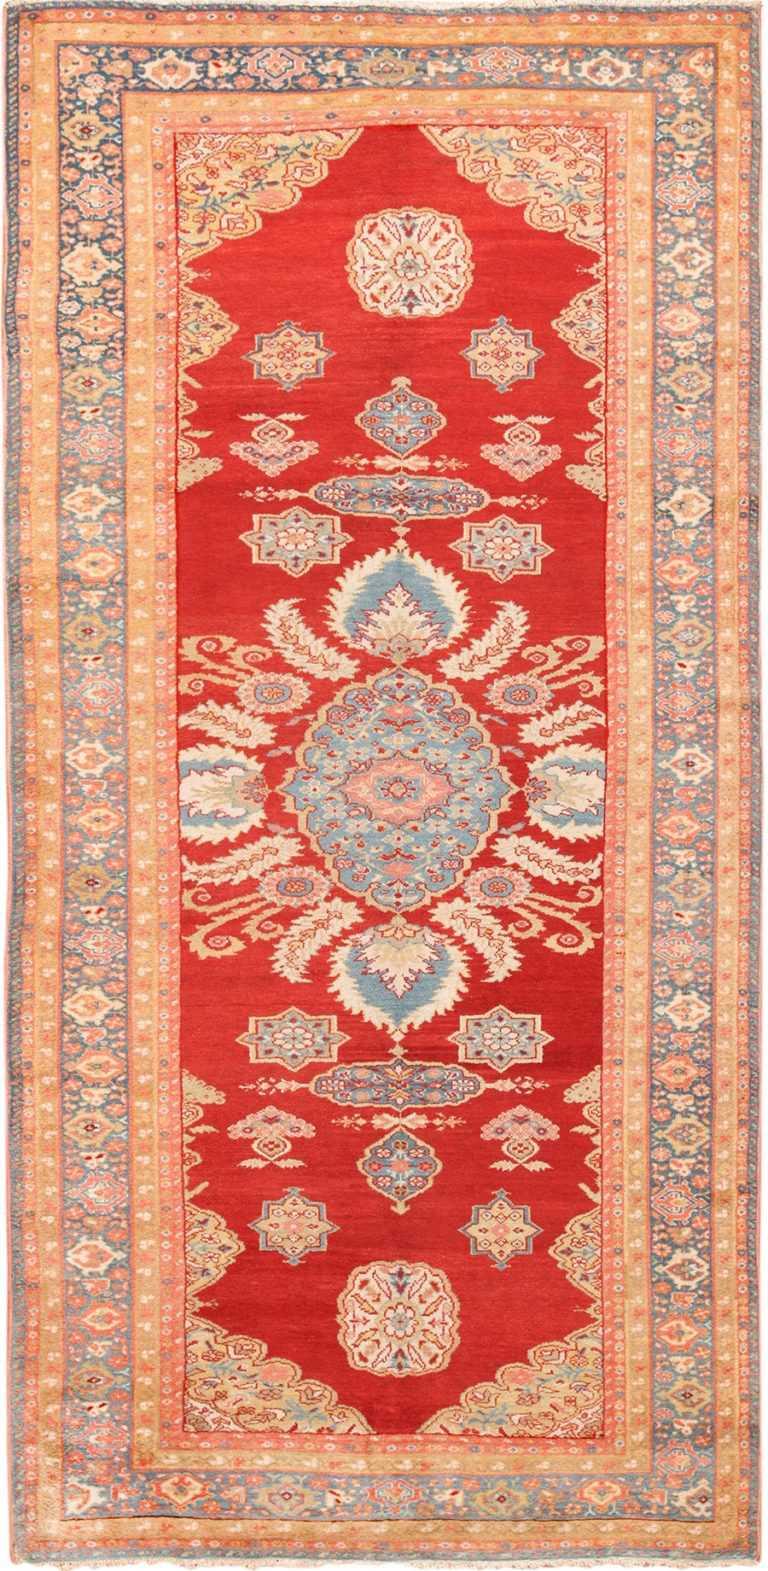 Long and Narrow Antique Persian Sultanabad Rug 49679 by Nazmiyal